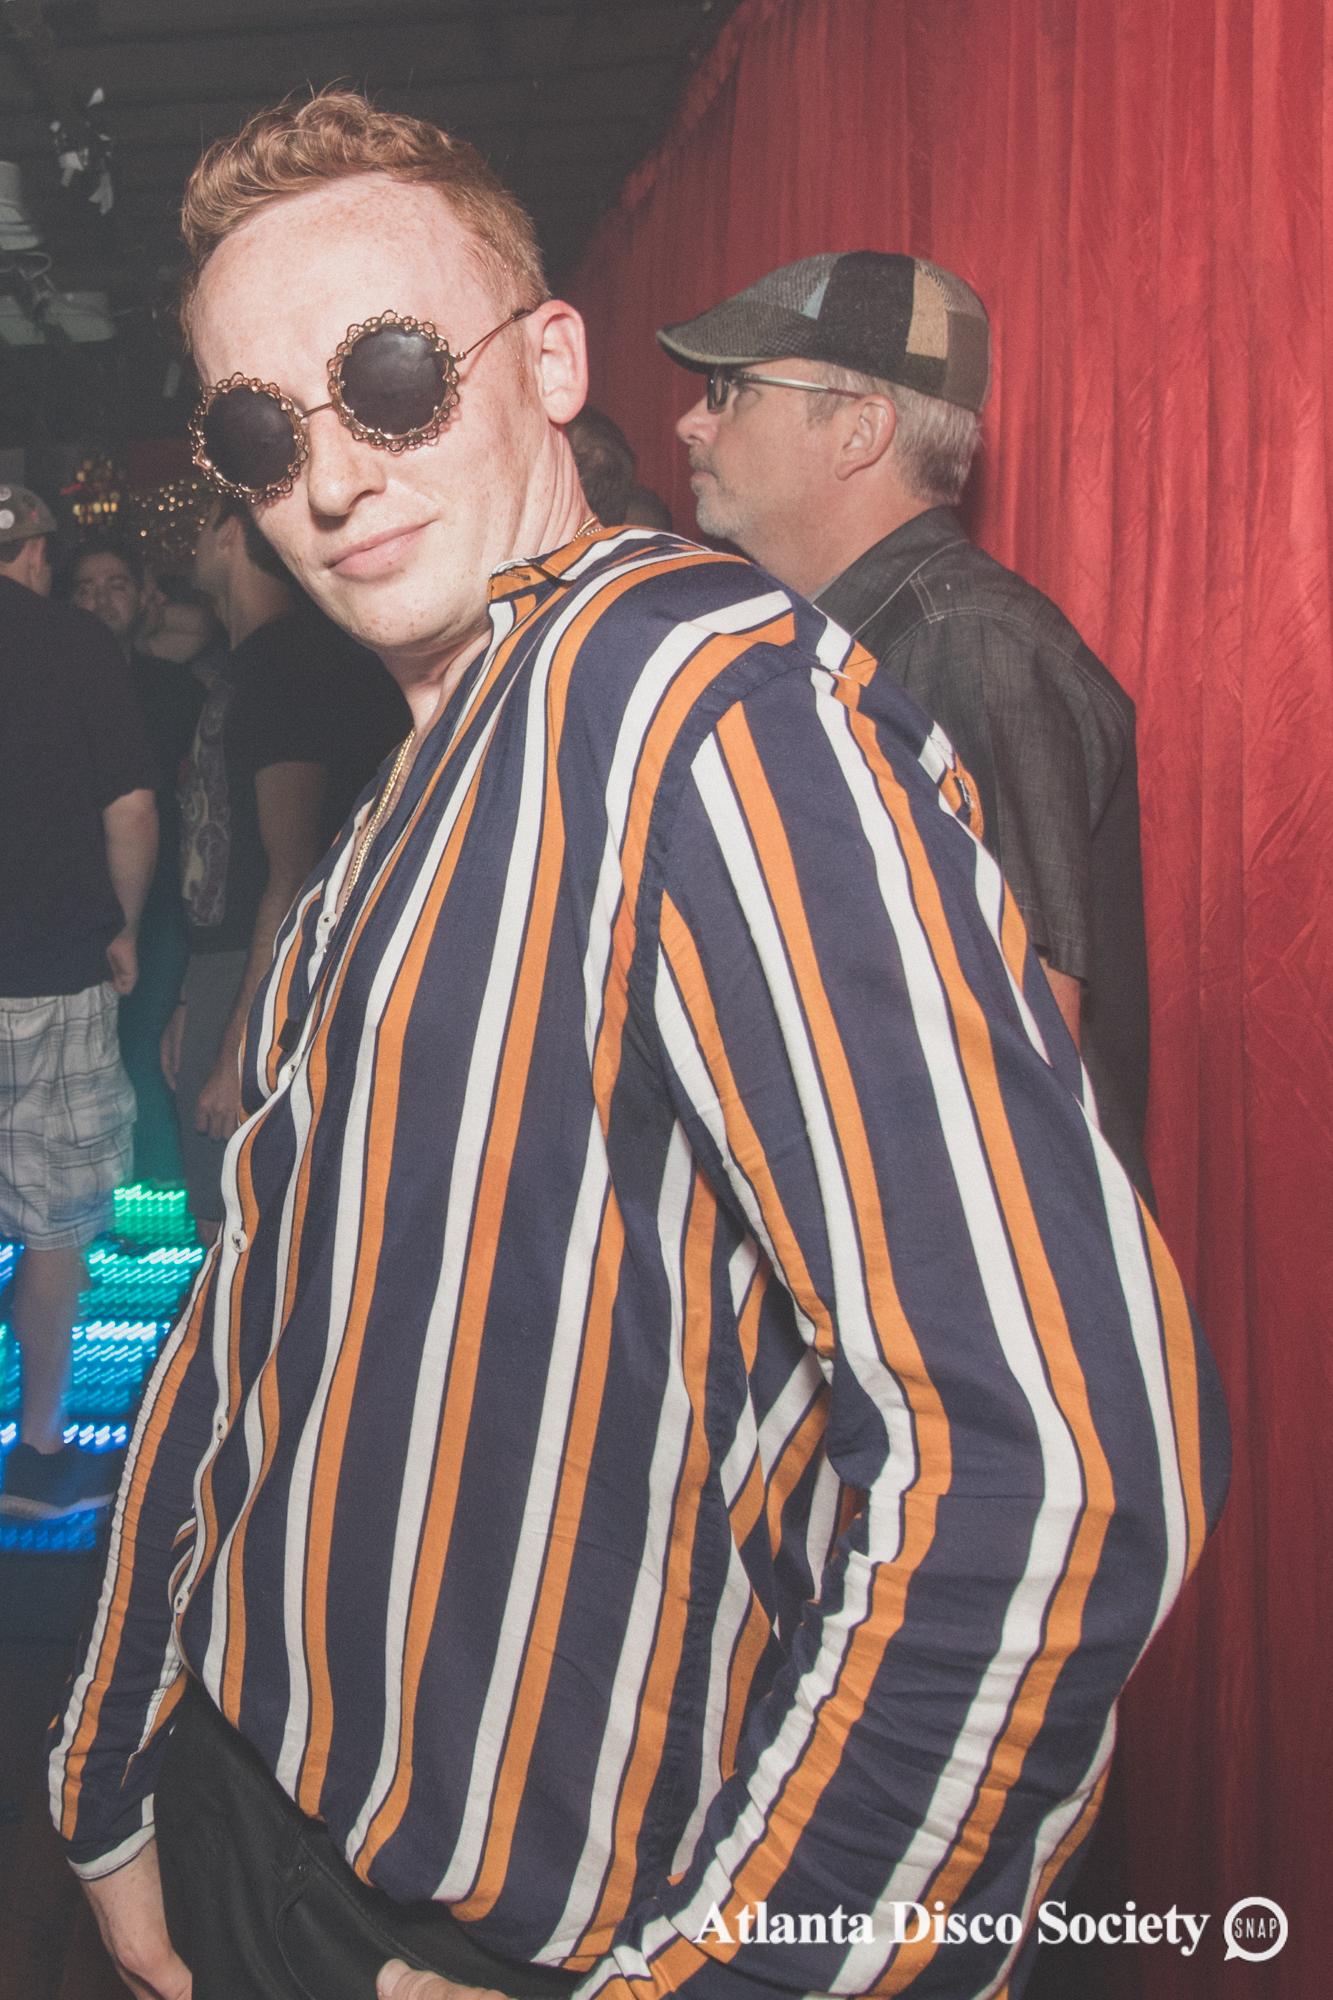 10Atlanta Disco Society Grace Kelly Oh Snap Kid 7.27.19.jpg